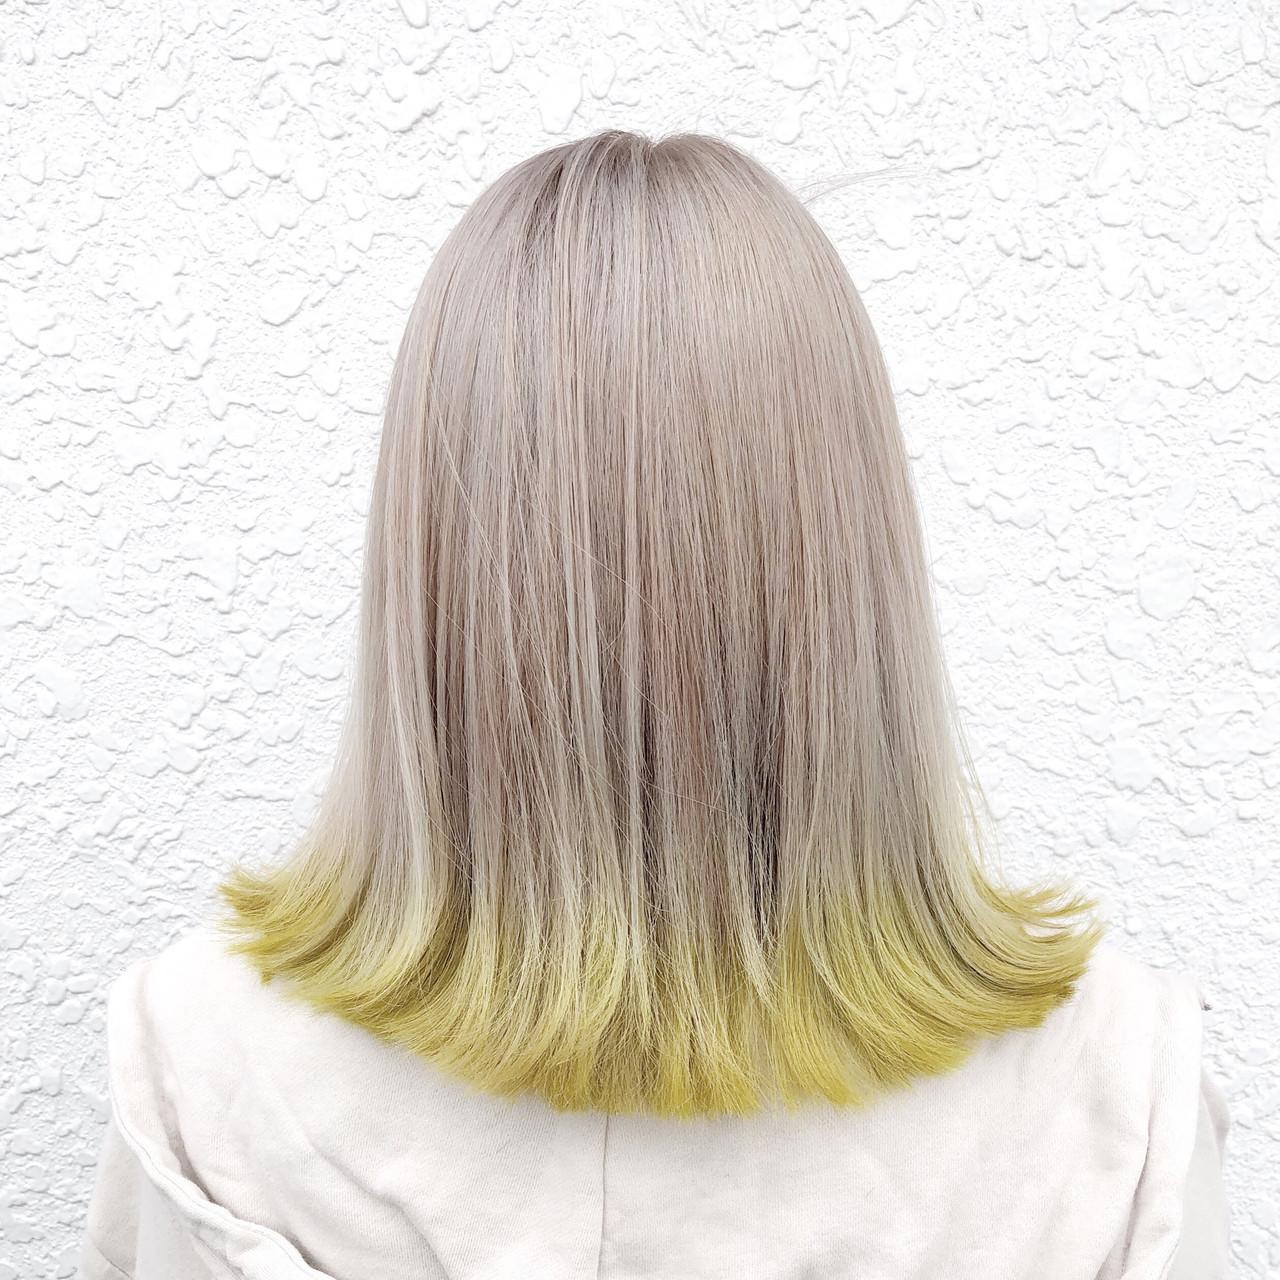 フェミニン ミディアム グラデーションカラー ホワイトカラー ヘアスタイルや髪型の写真・画像